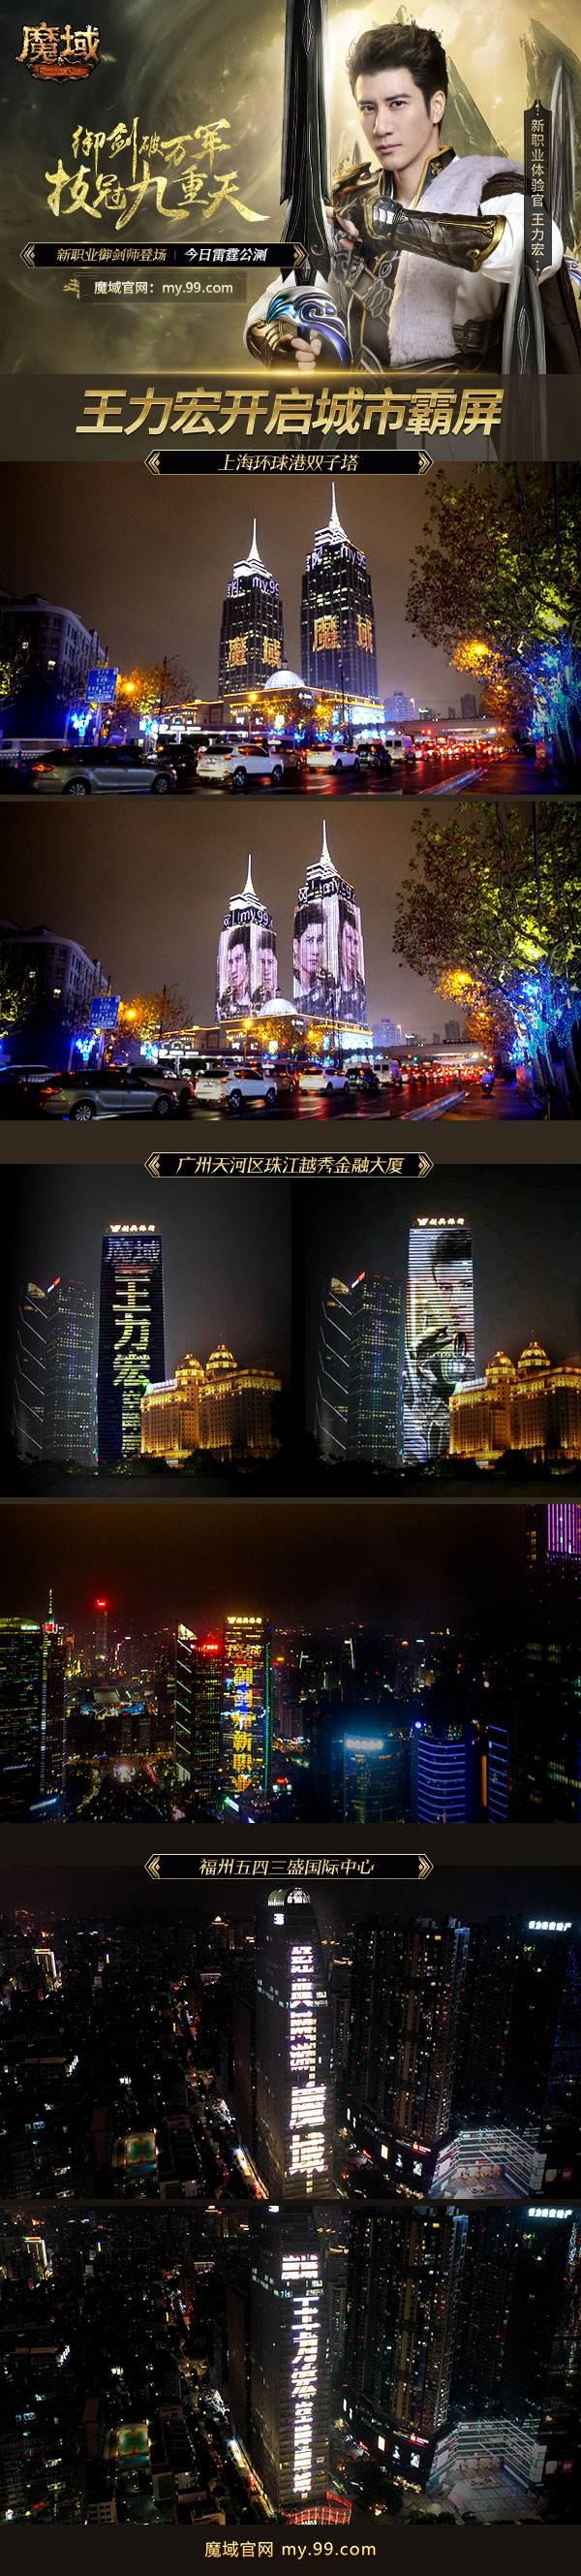 《魔域》代言人王力宏开启城市霸屏模式!上演史上最大场面隔空御剑